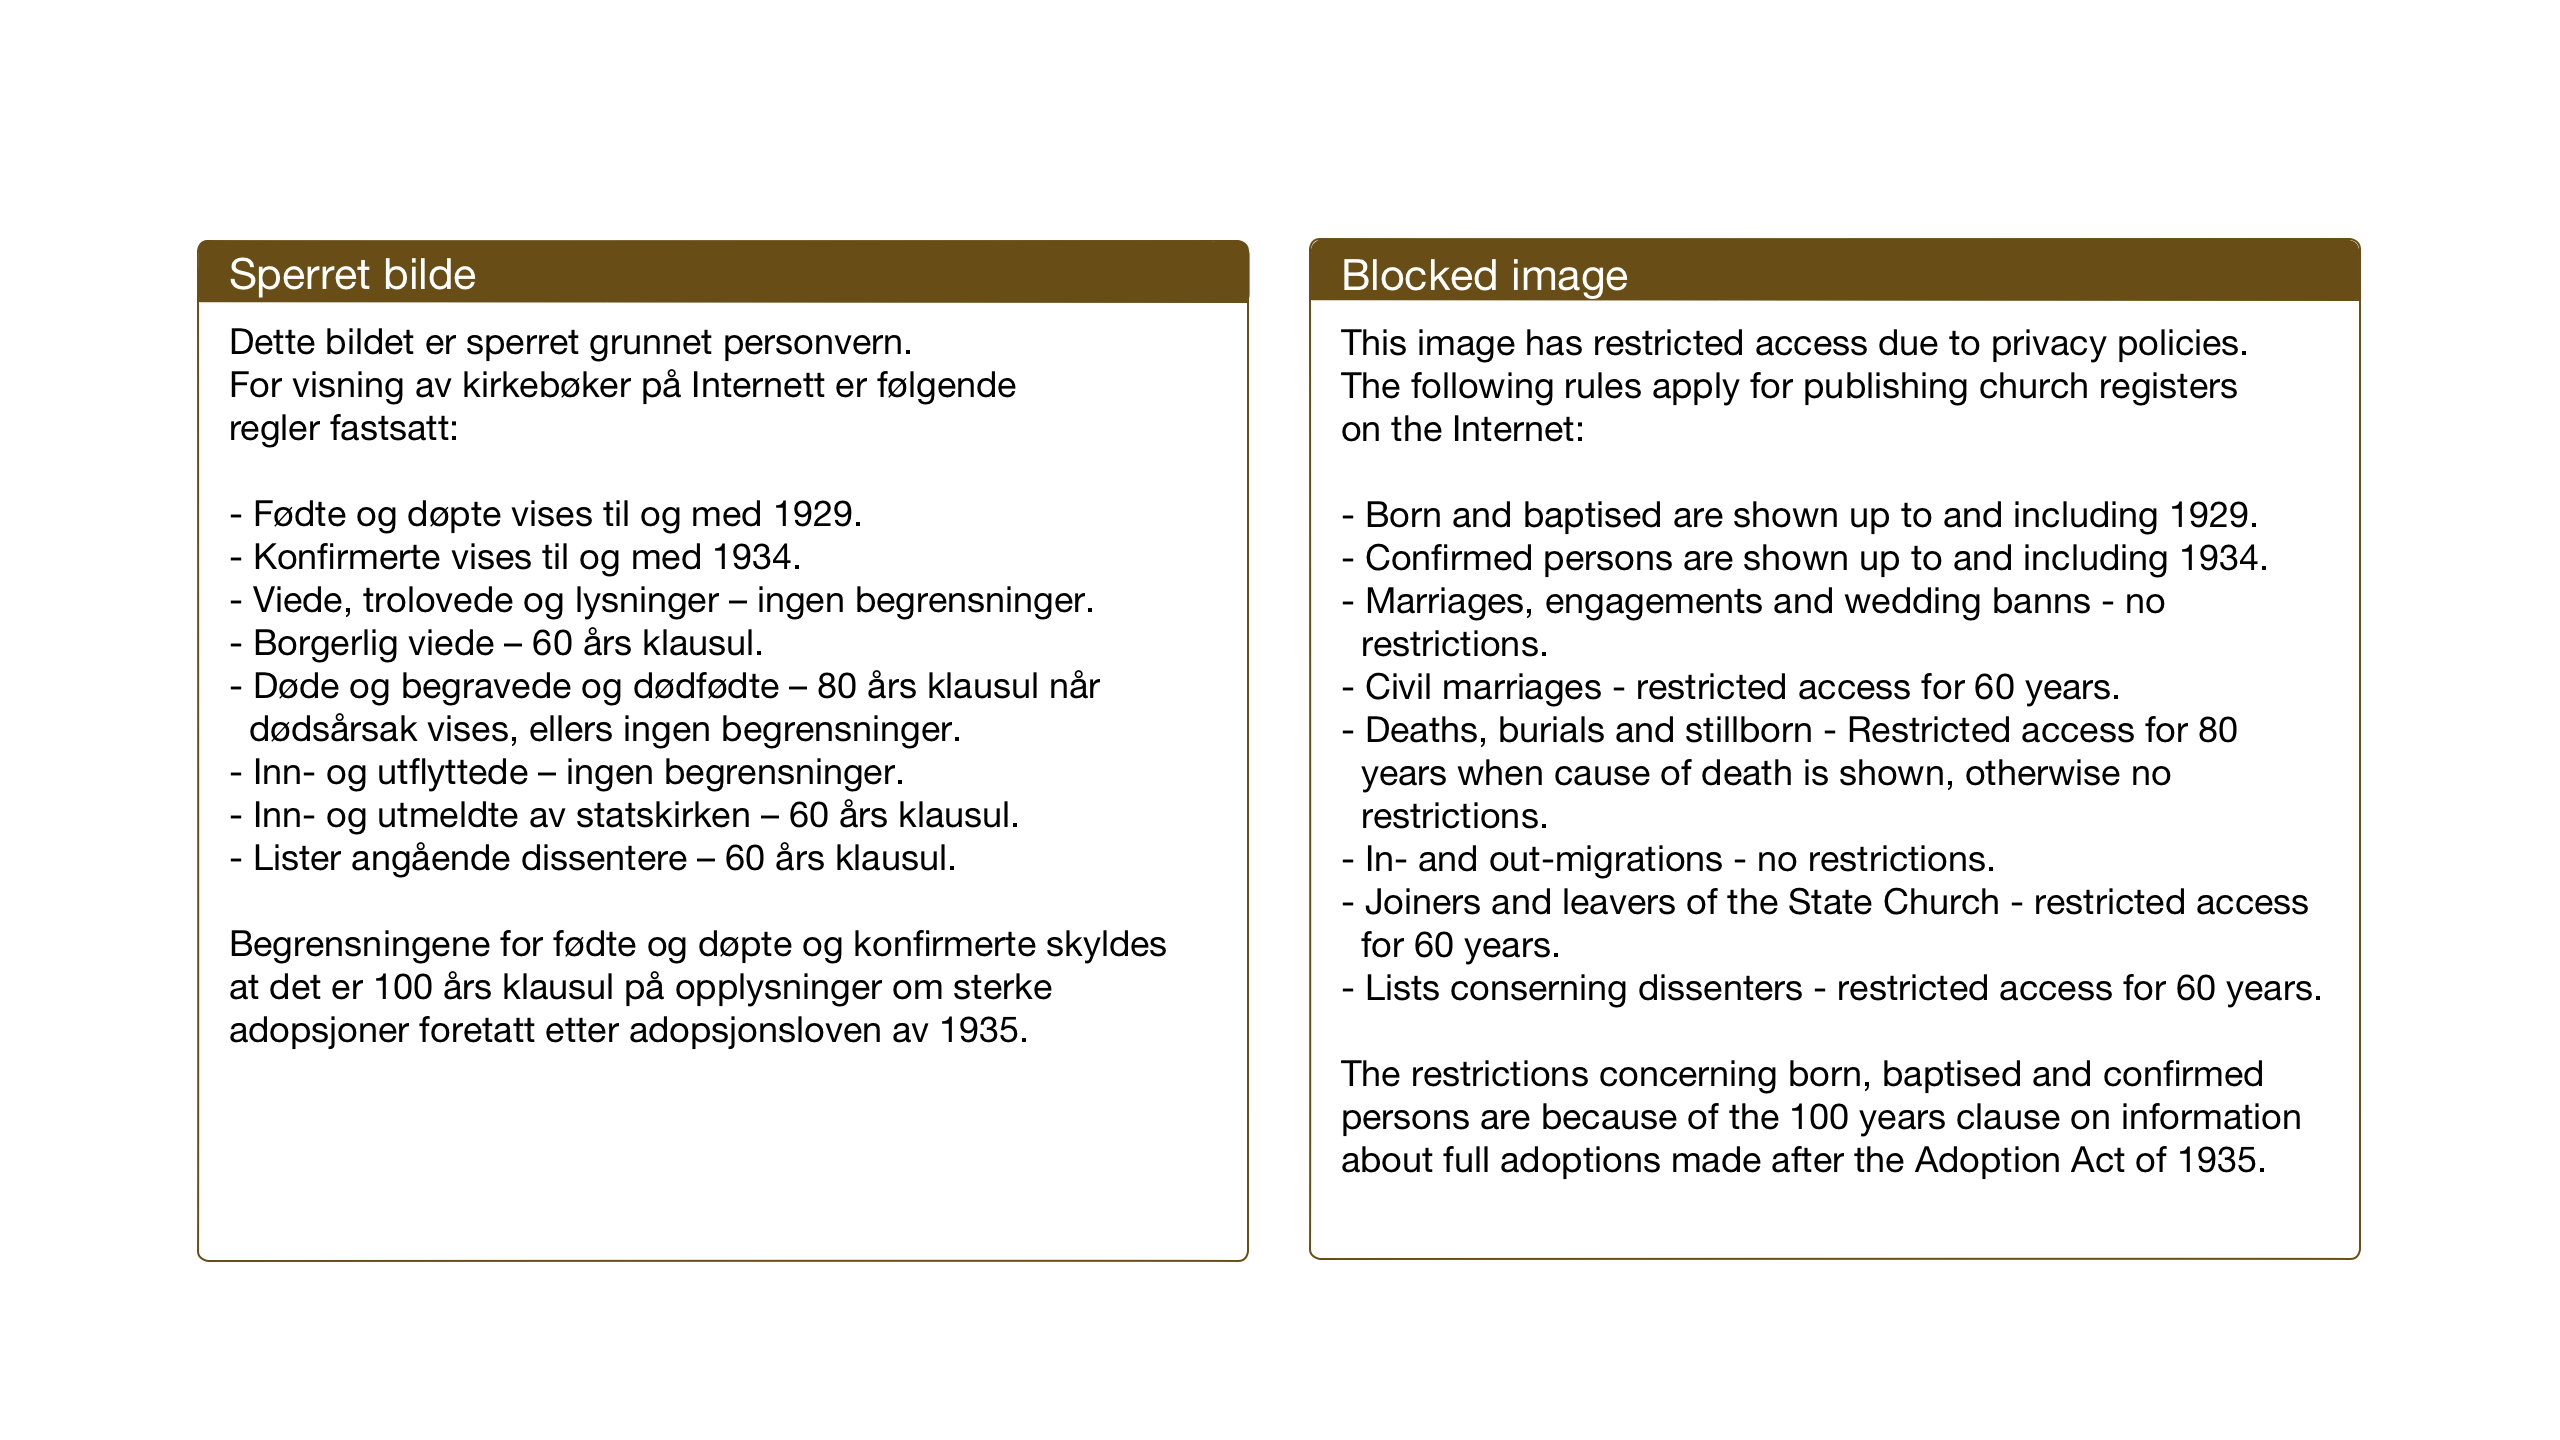 SAT, Ministerialprotokoller, klokkerbøker og fødselsregistre - Nord-Trøndelag, 722/L0227: Klokkerbok nr. 722C03, 1928-1958, s. 43